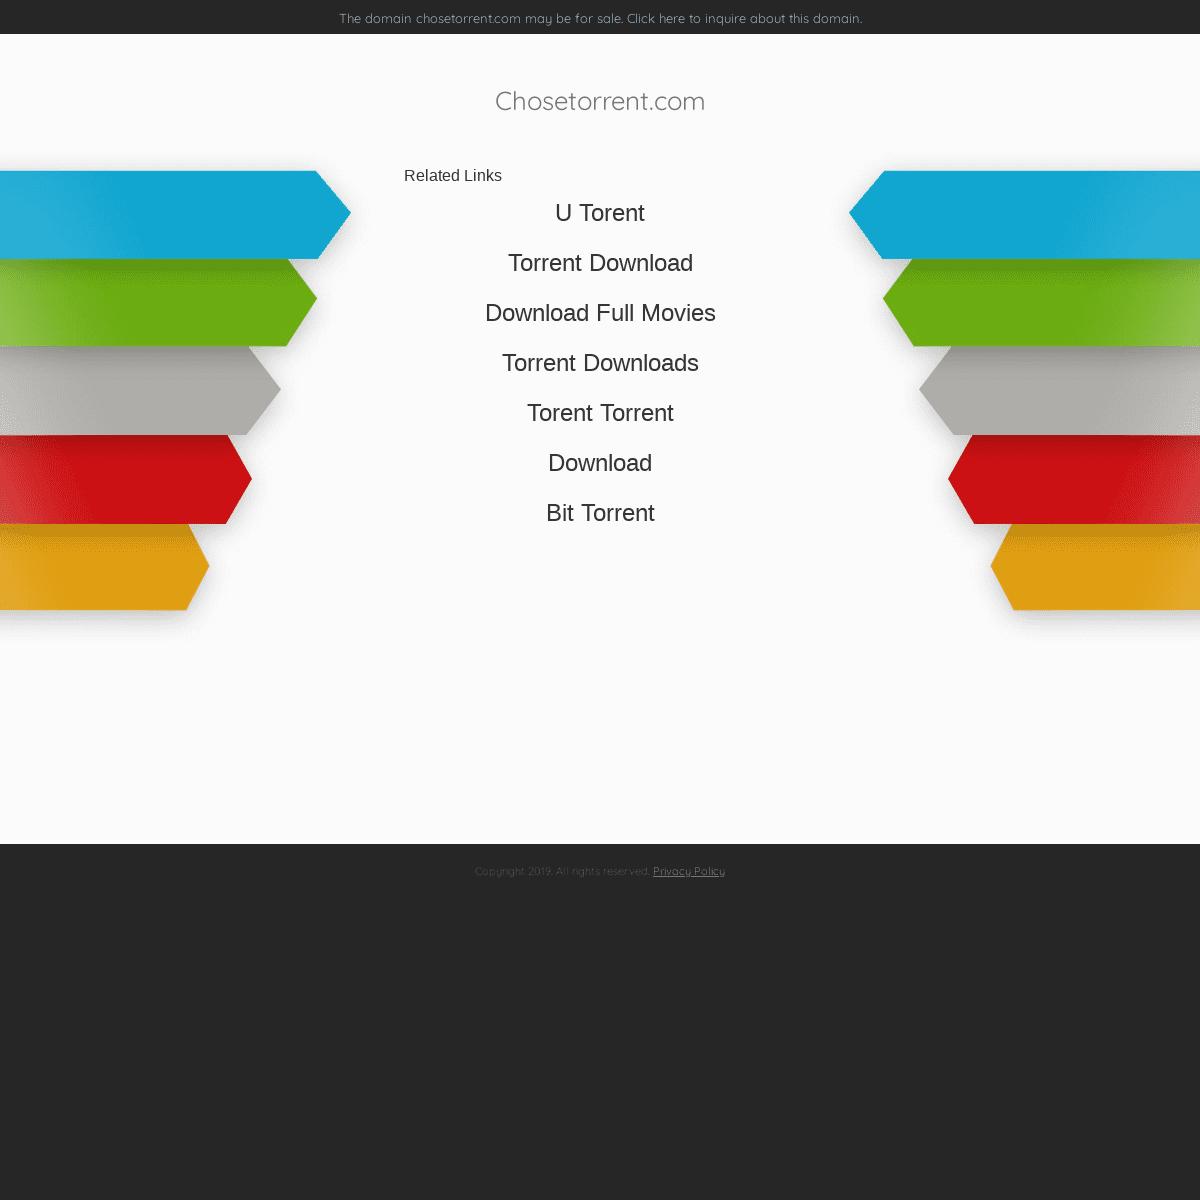 Chosetorrent.com